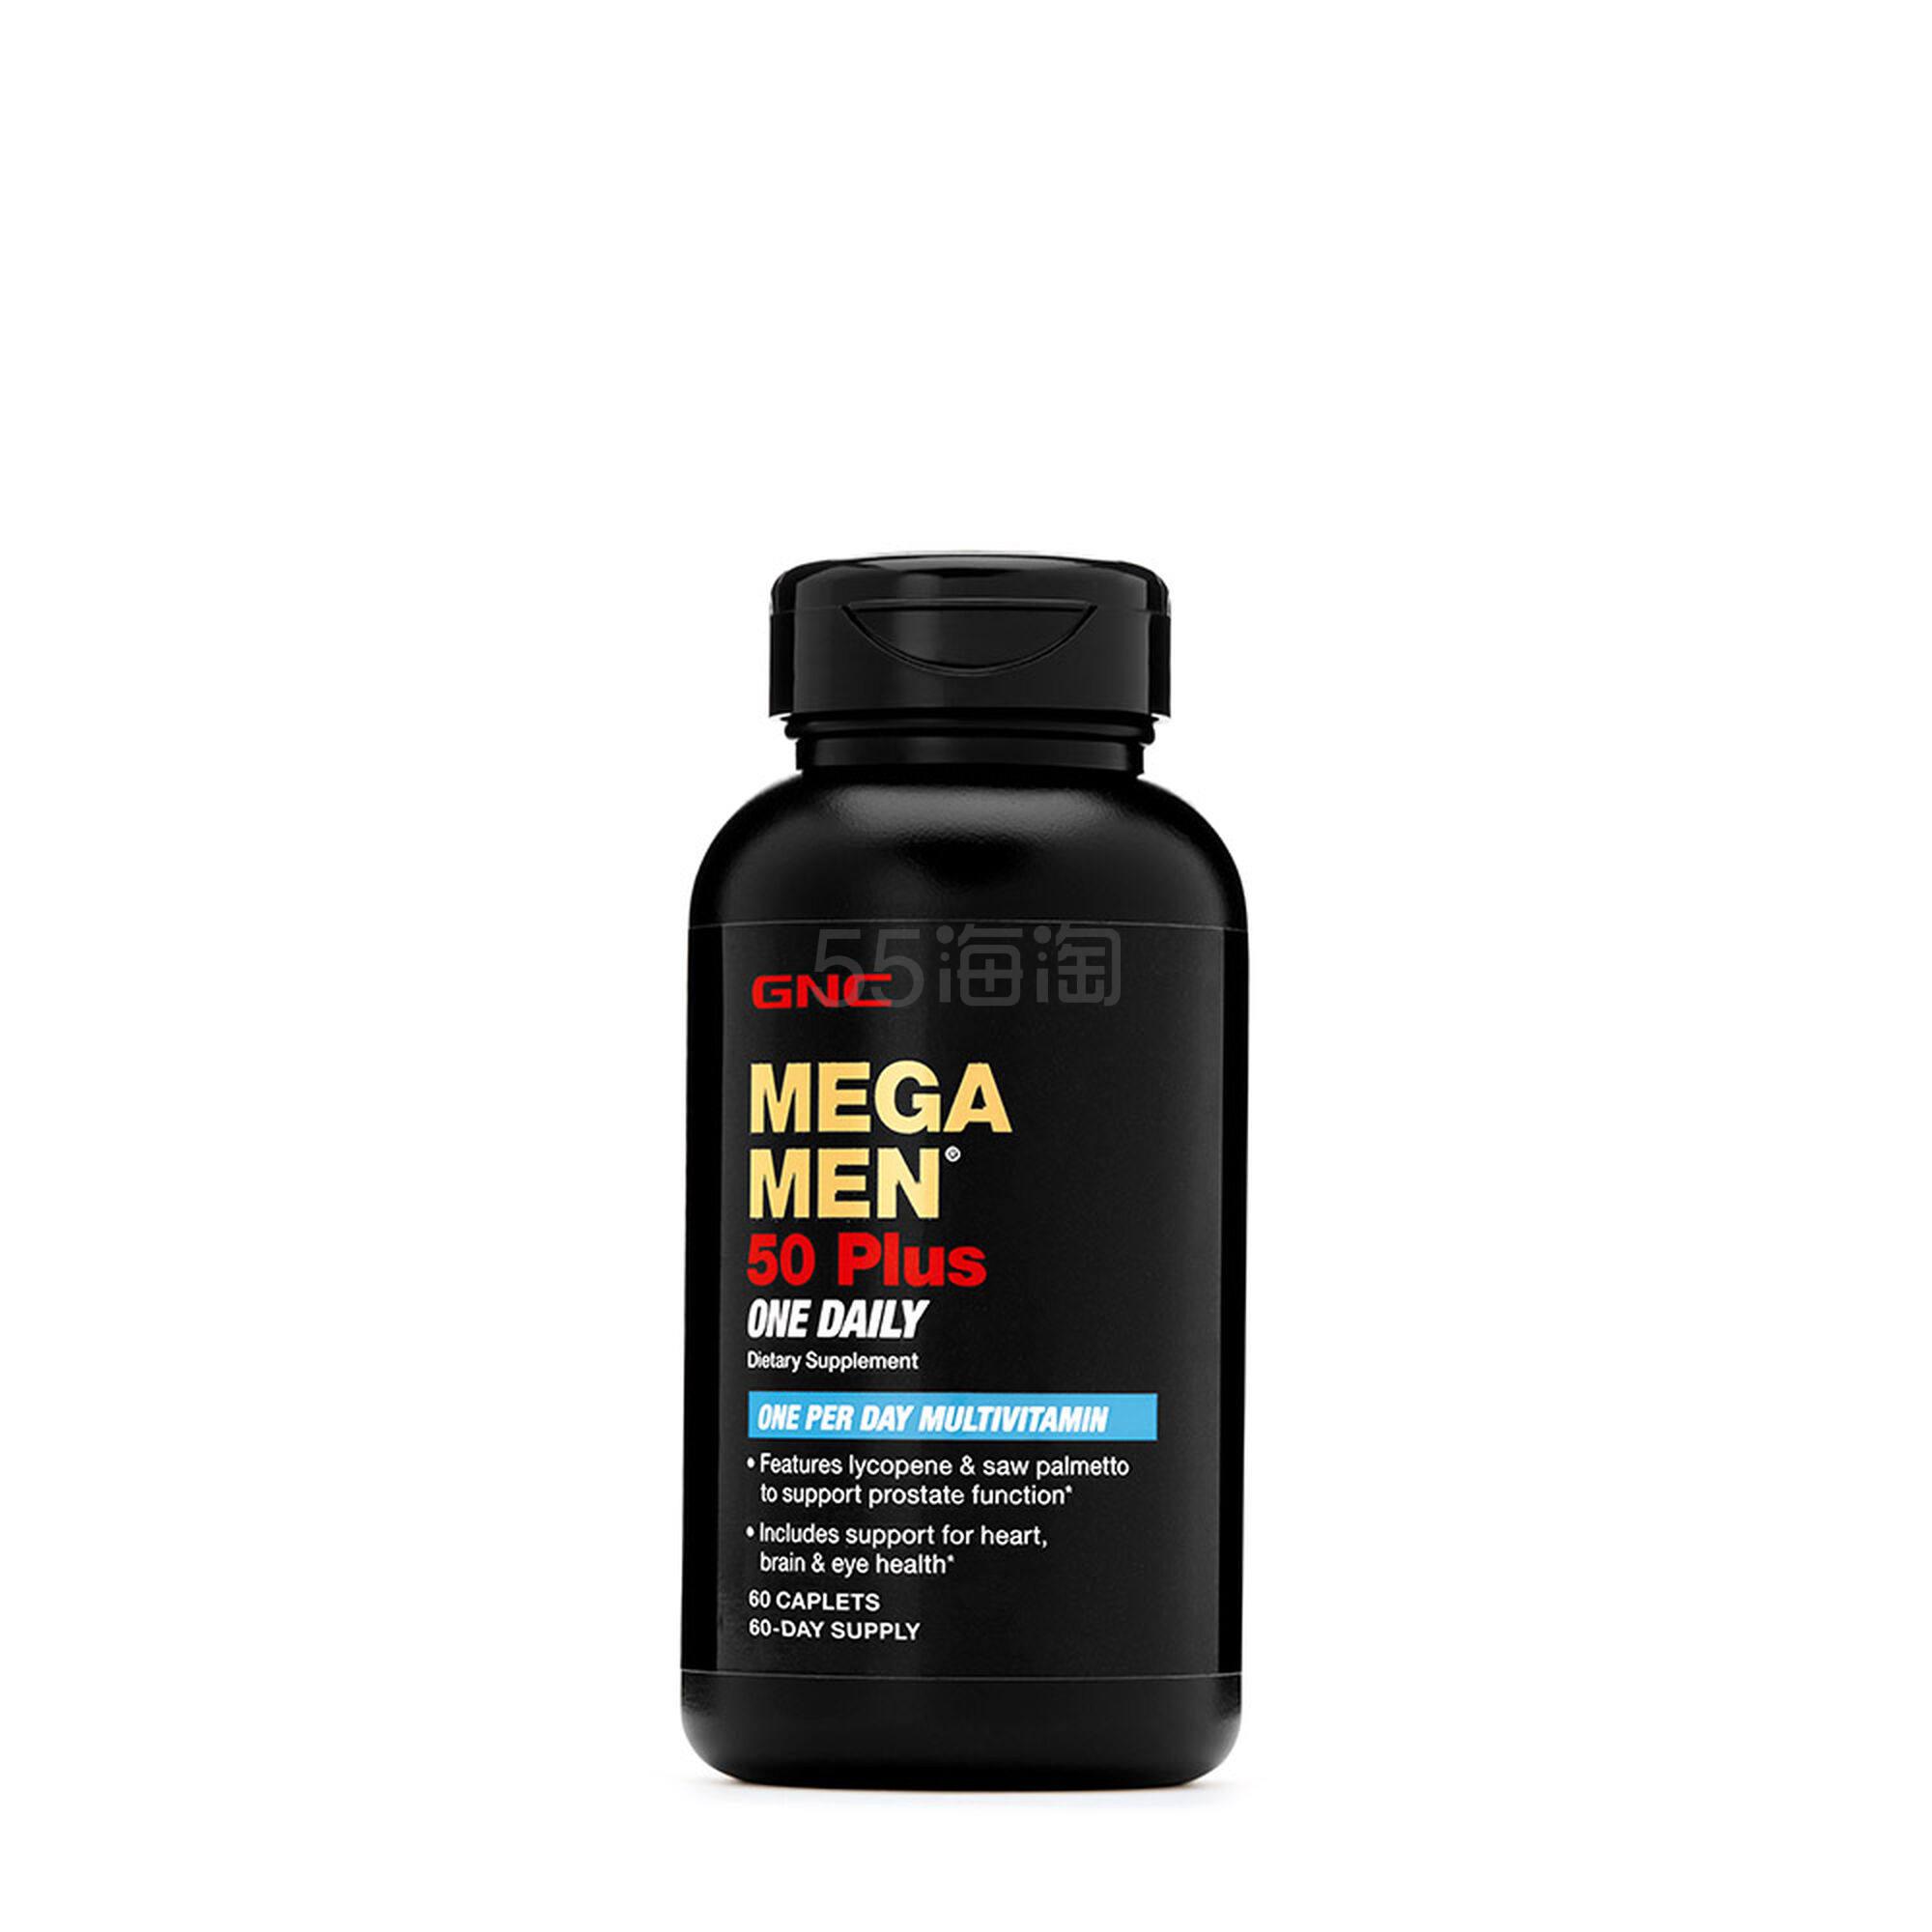 GNC 健安喜 男性每日复合维生素 50+ 60粒 .5(约53元) - 海淘优惠海淘折扣|55海淘网